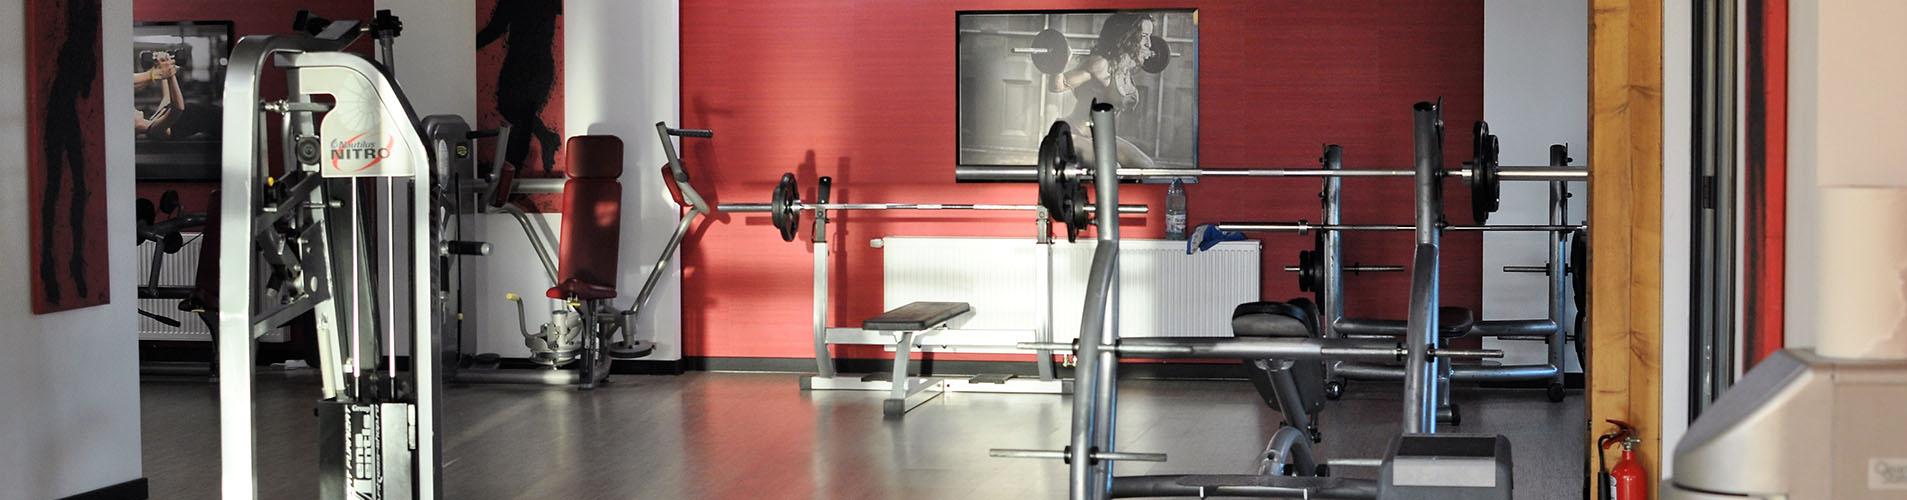 Aparate pentru exercitii in sala de fitness a clubului Popeci din Craiova